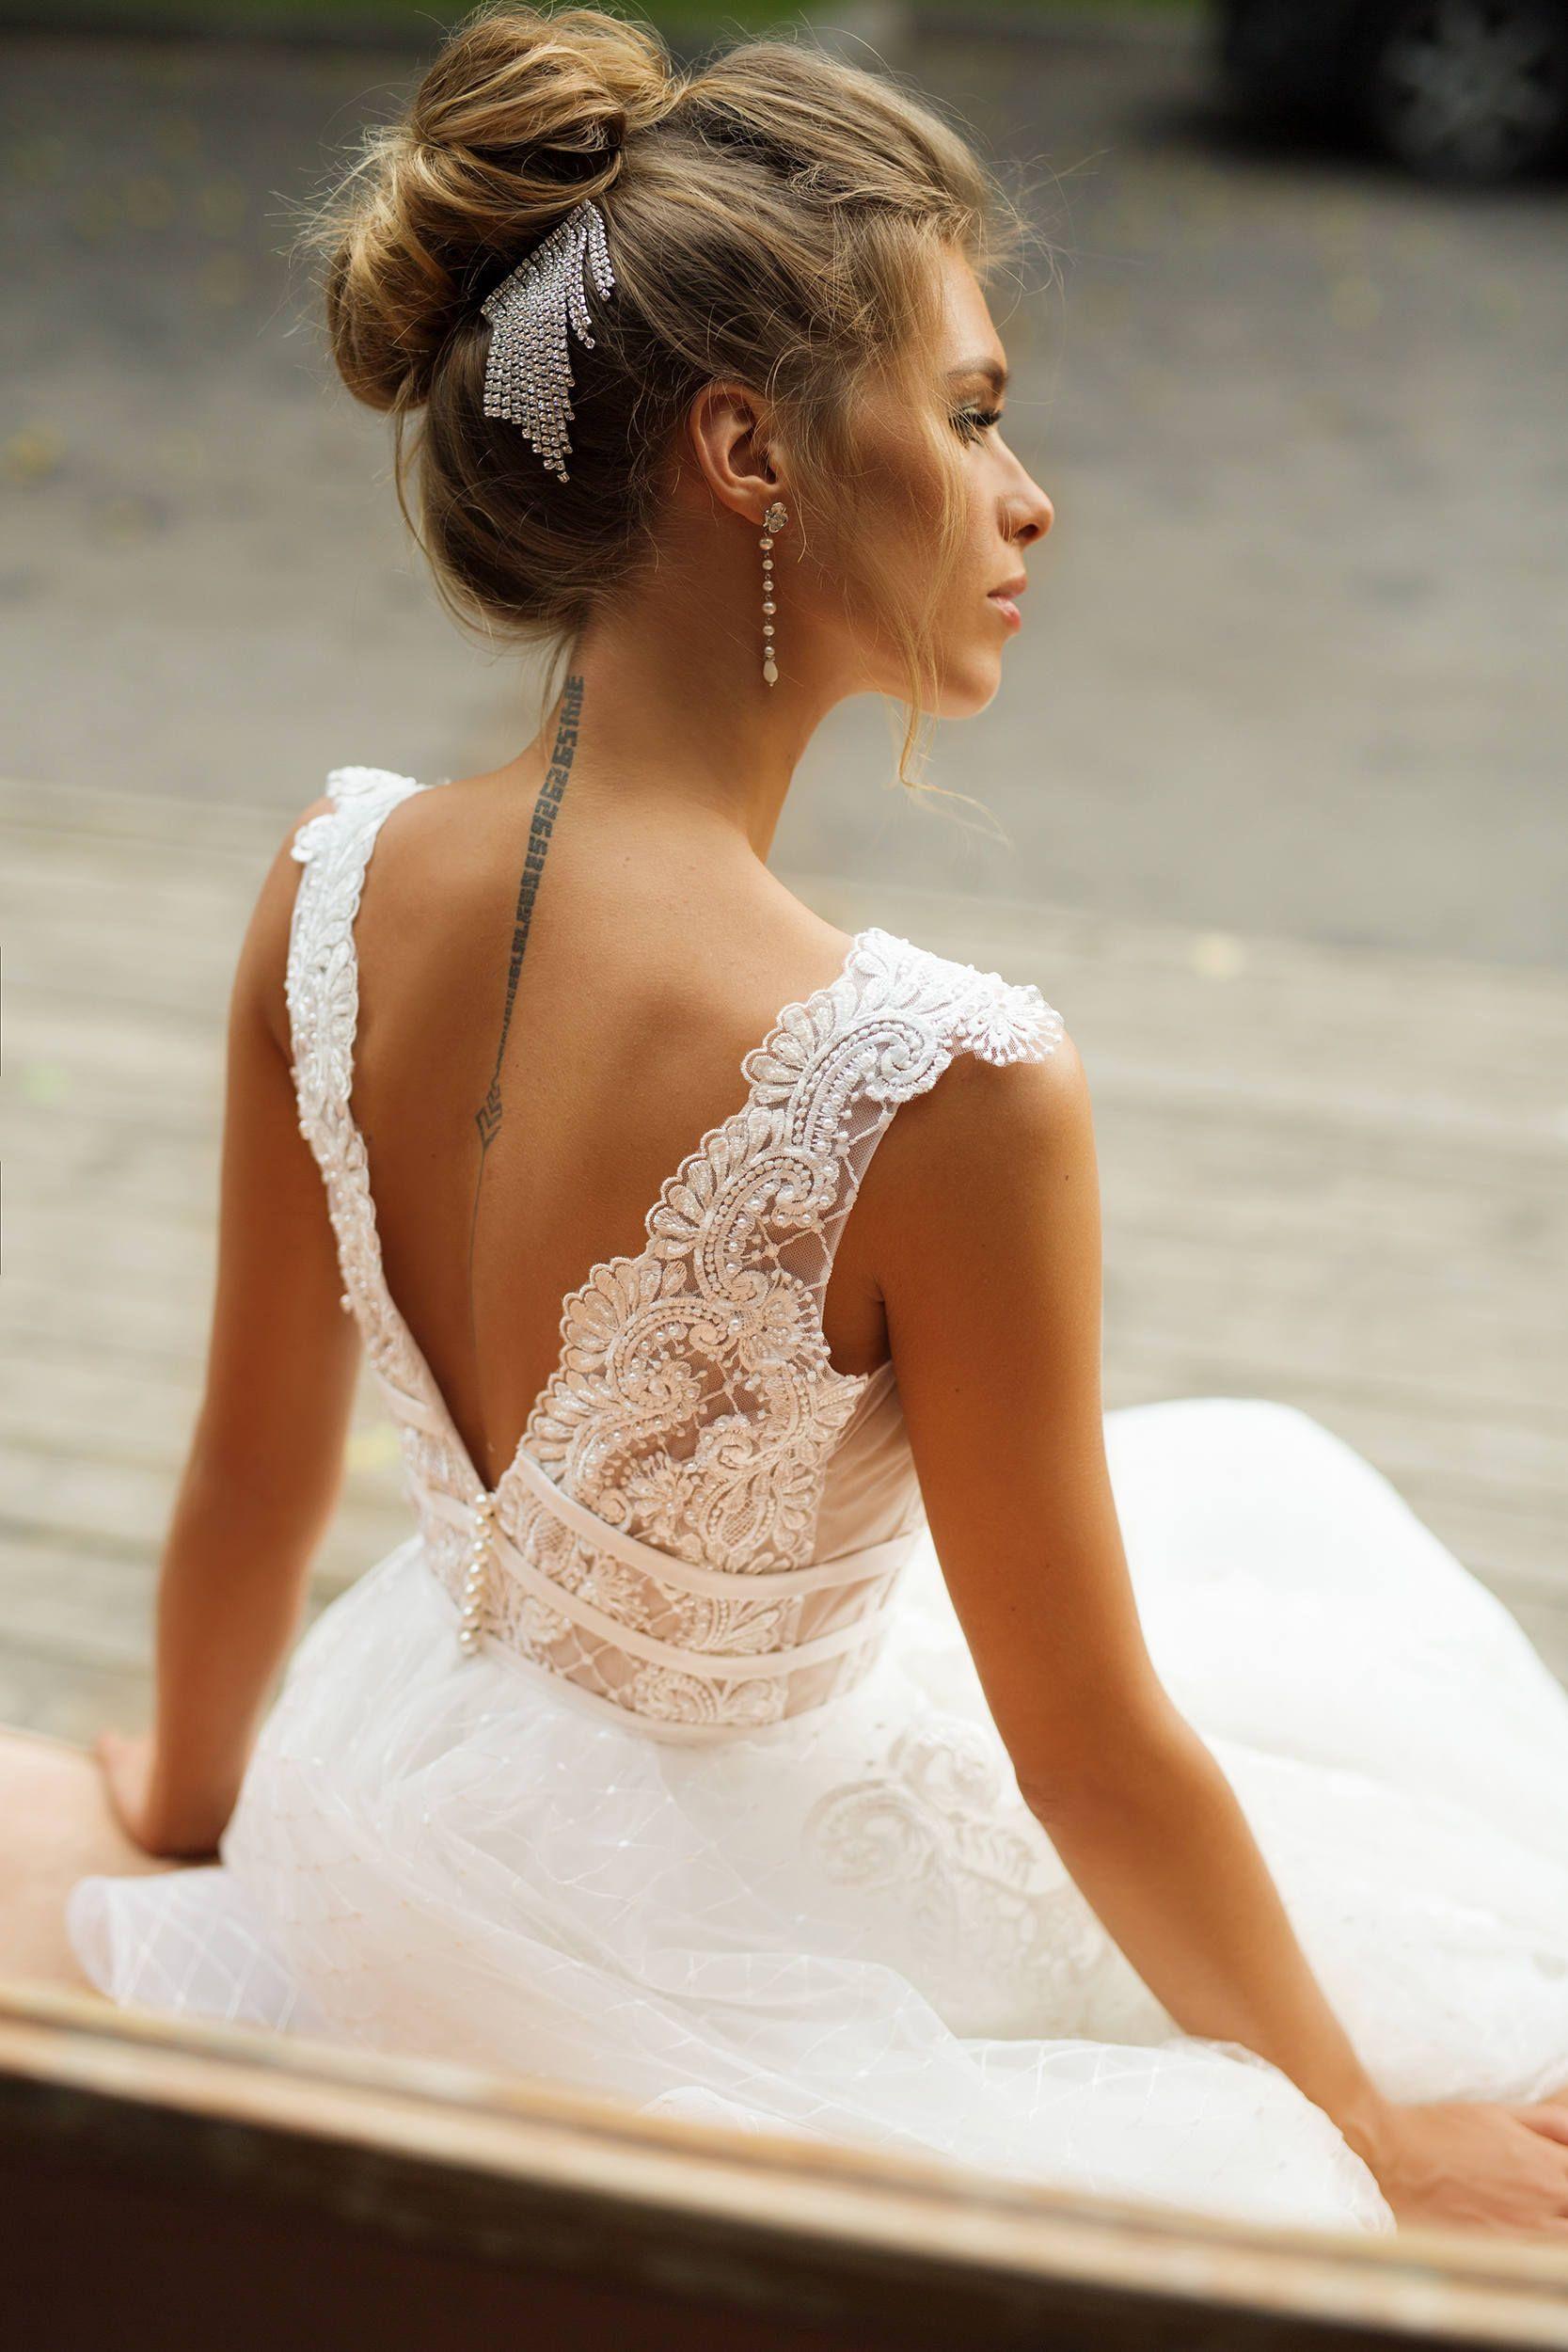 Robe de mariée 'MILANA' // Robe de mariée en dentelle complète, V-cou, V-back, jupe en dentelle, sans manches, robe de mariée princesse